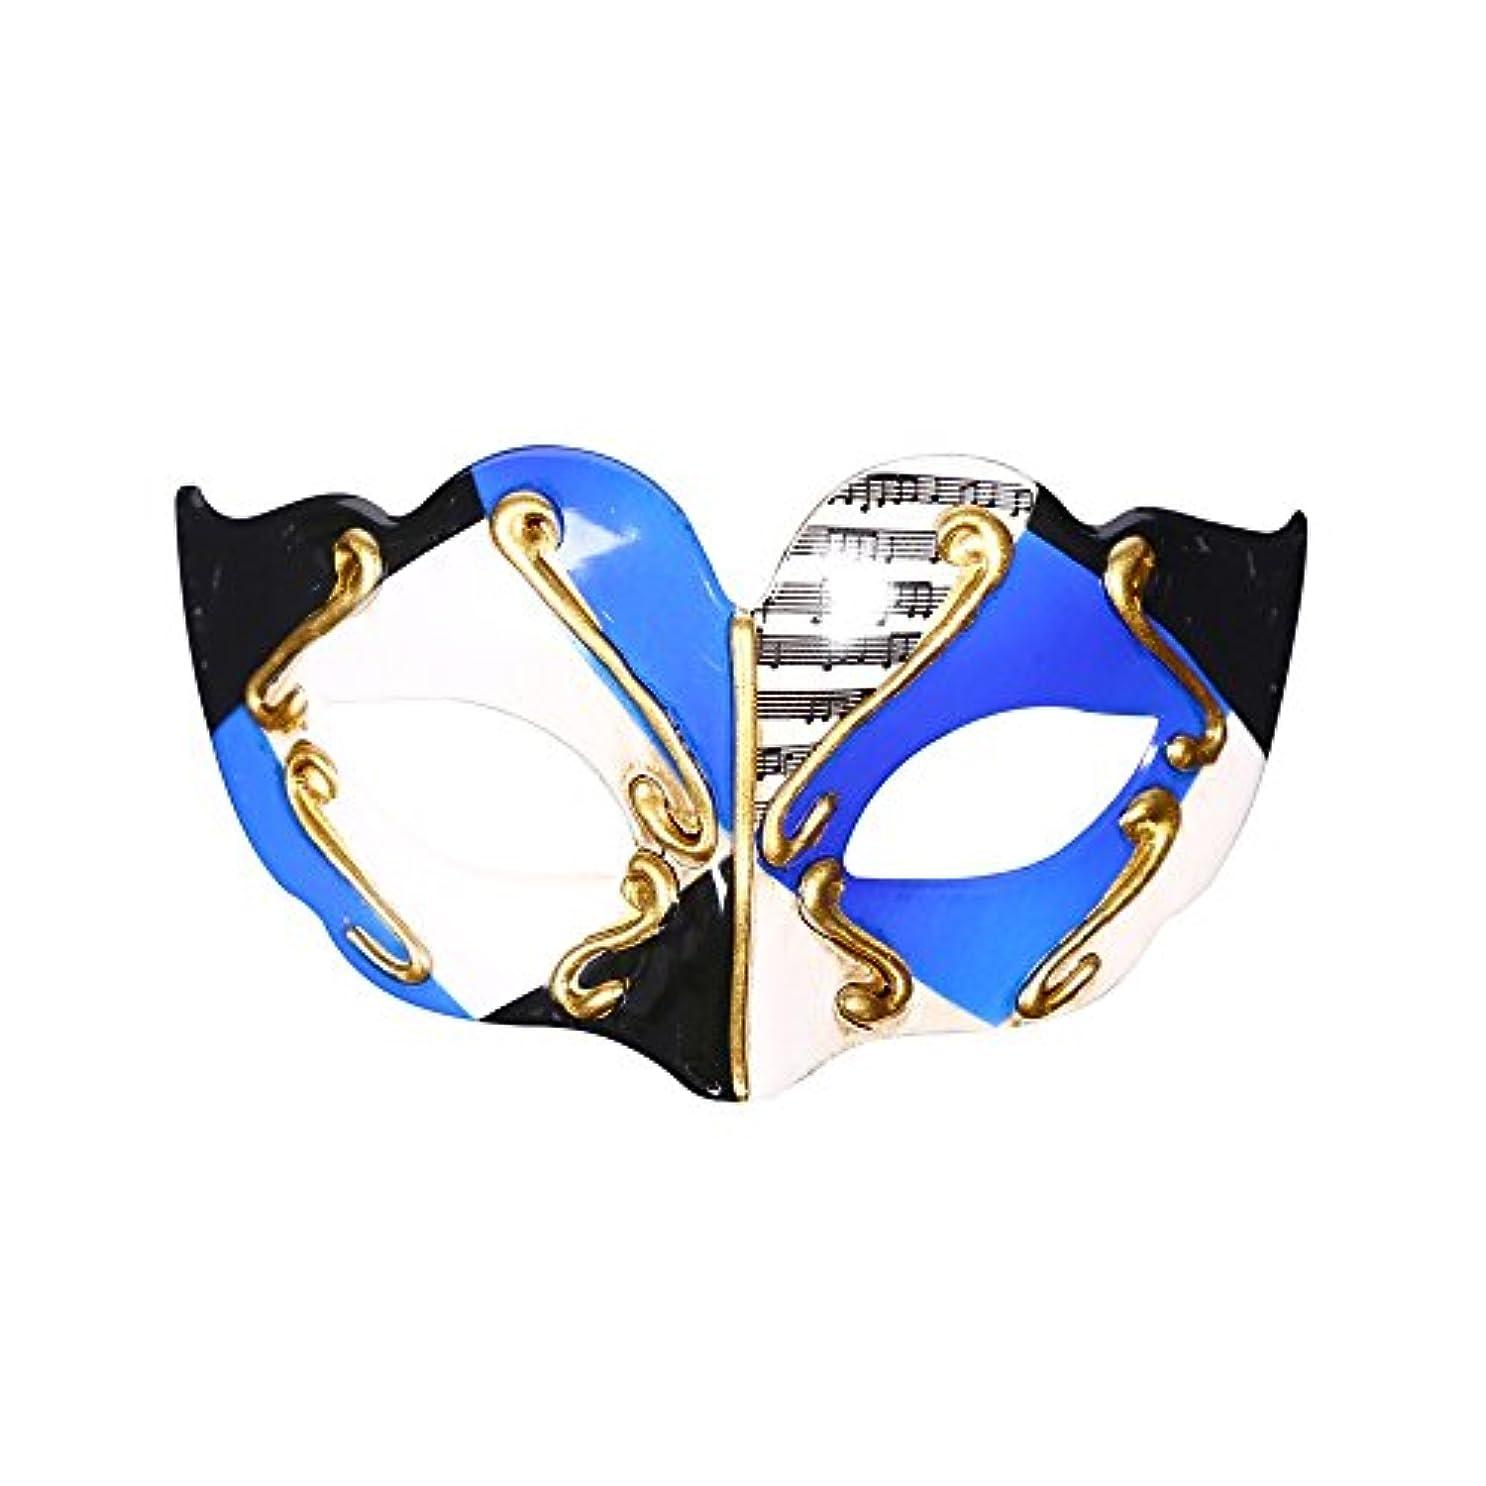 シード着陸仲間ハロウィーン仮装マスクフラットヘッドハーフフェイスハードプラスチック子供用マスク (Color : #3)